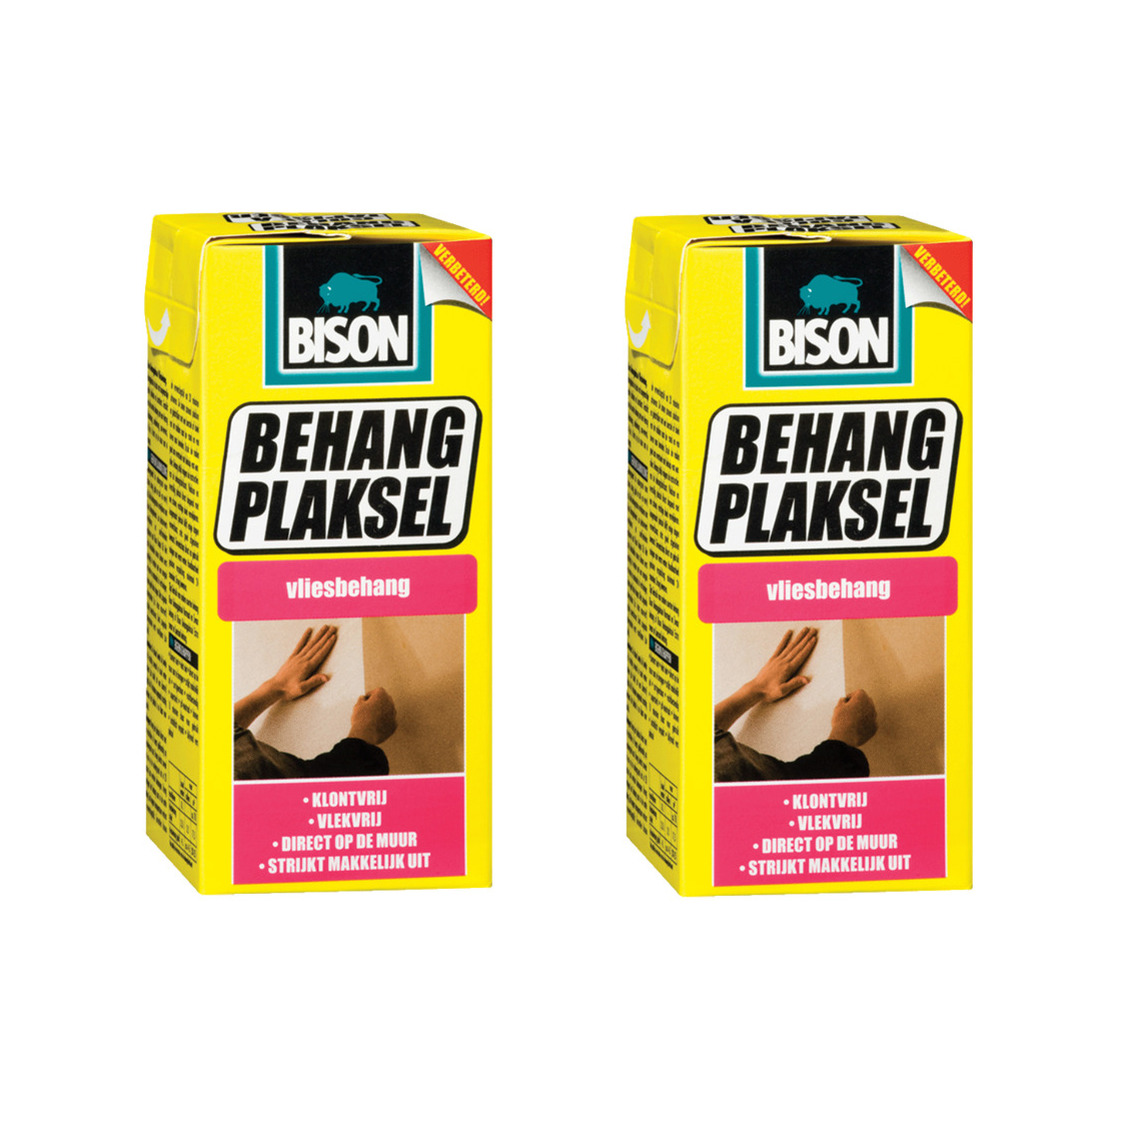 3x pakken Bison behanglijm voor vliesbehang 200 gram